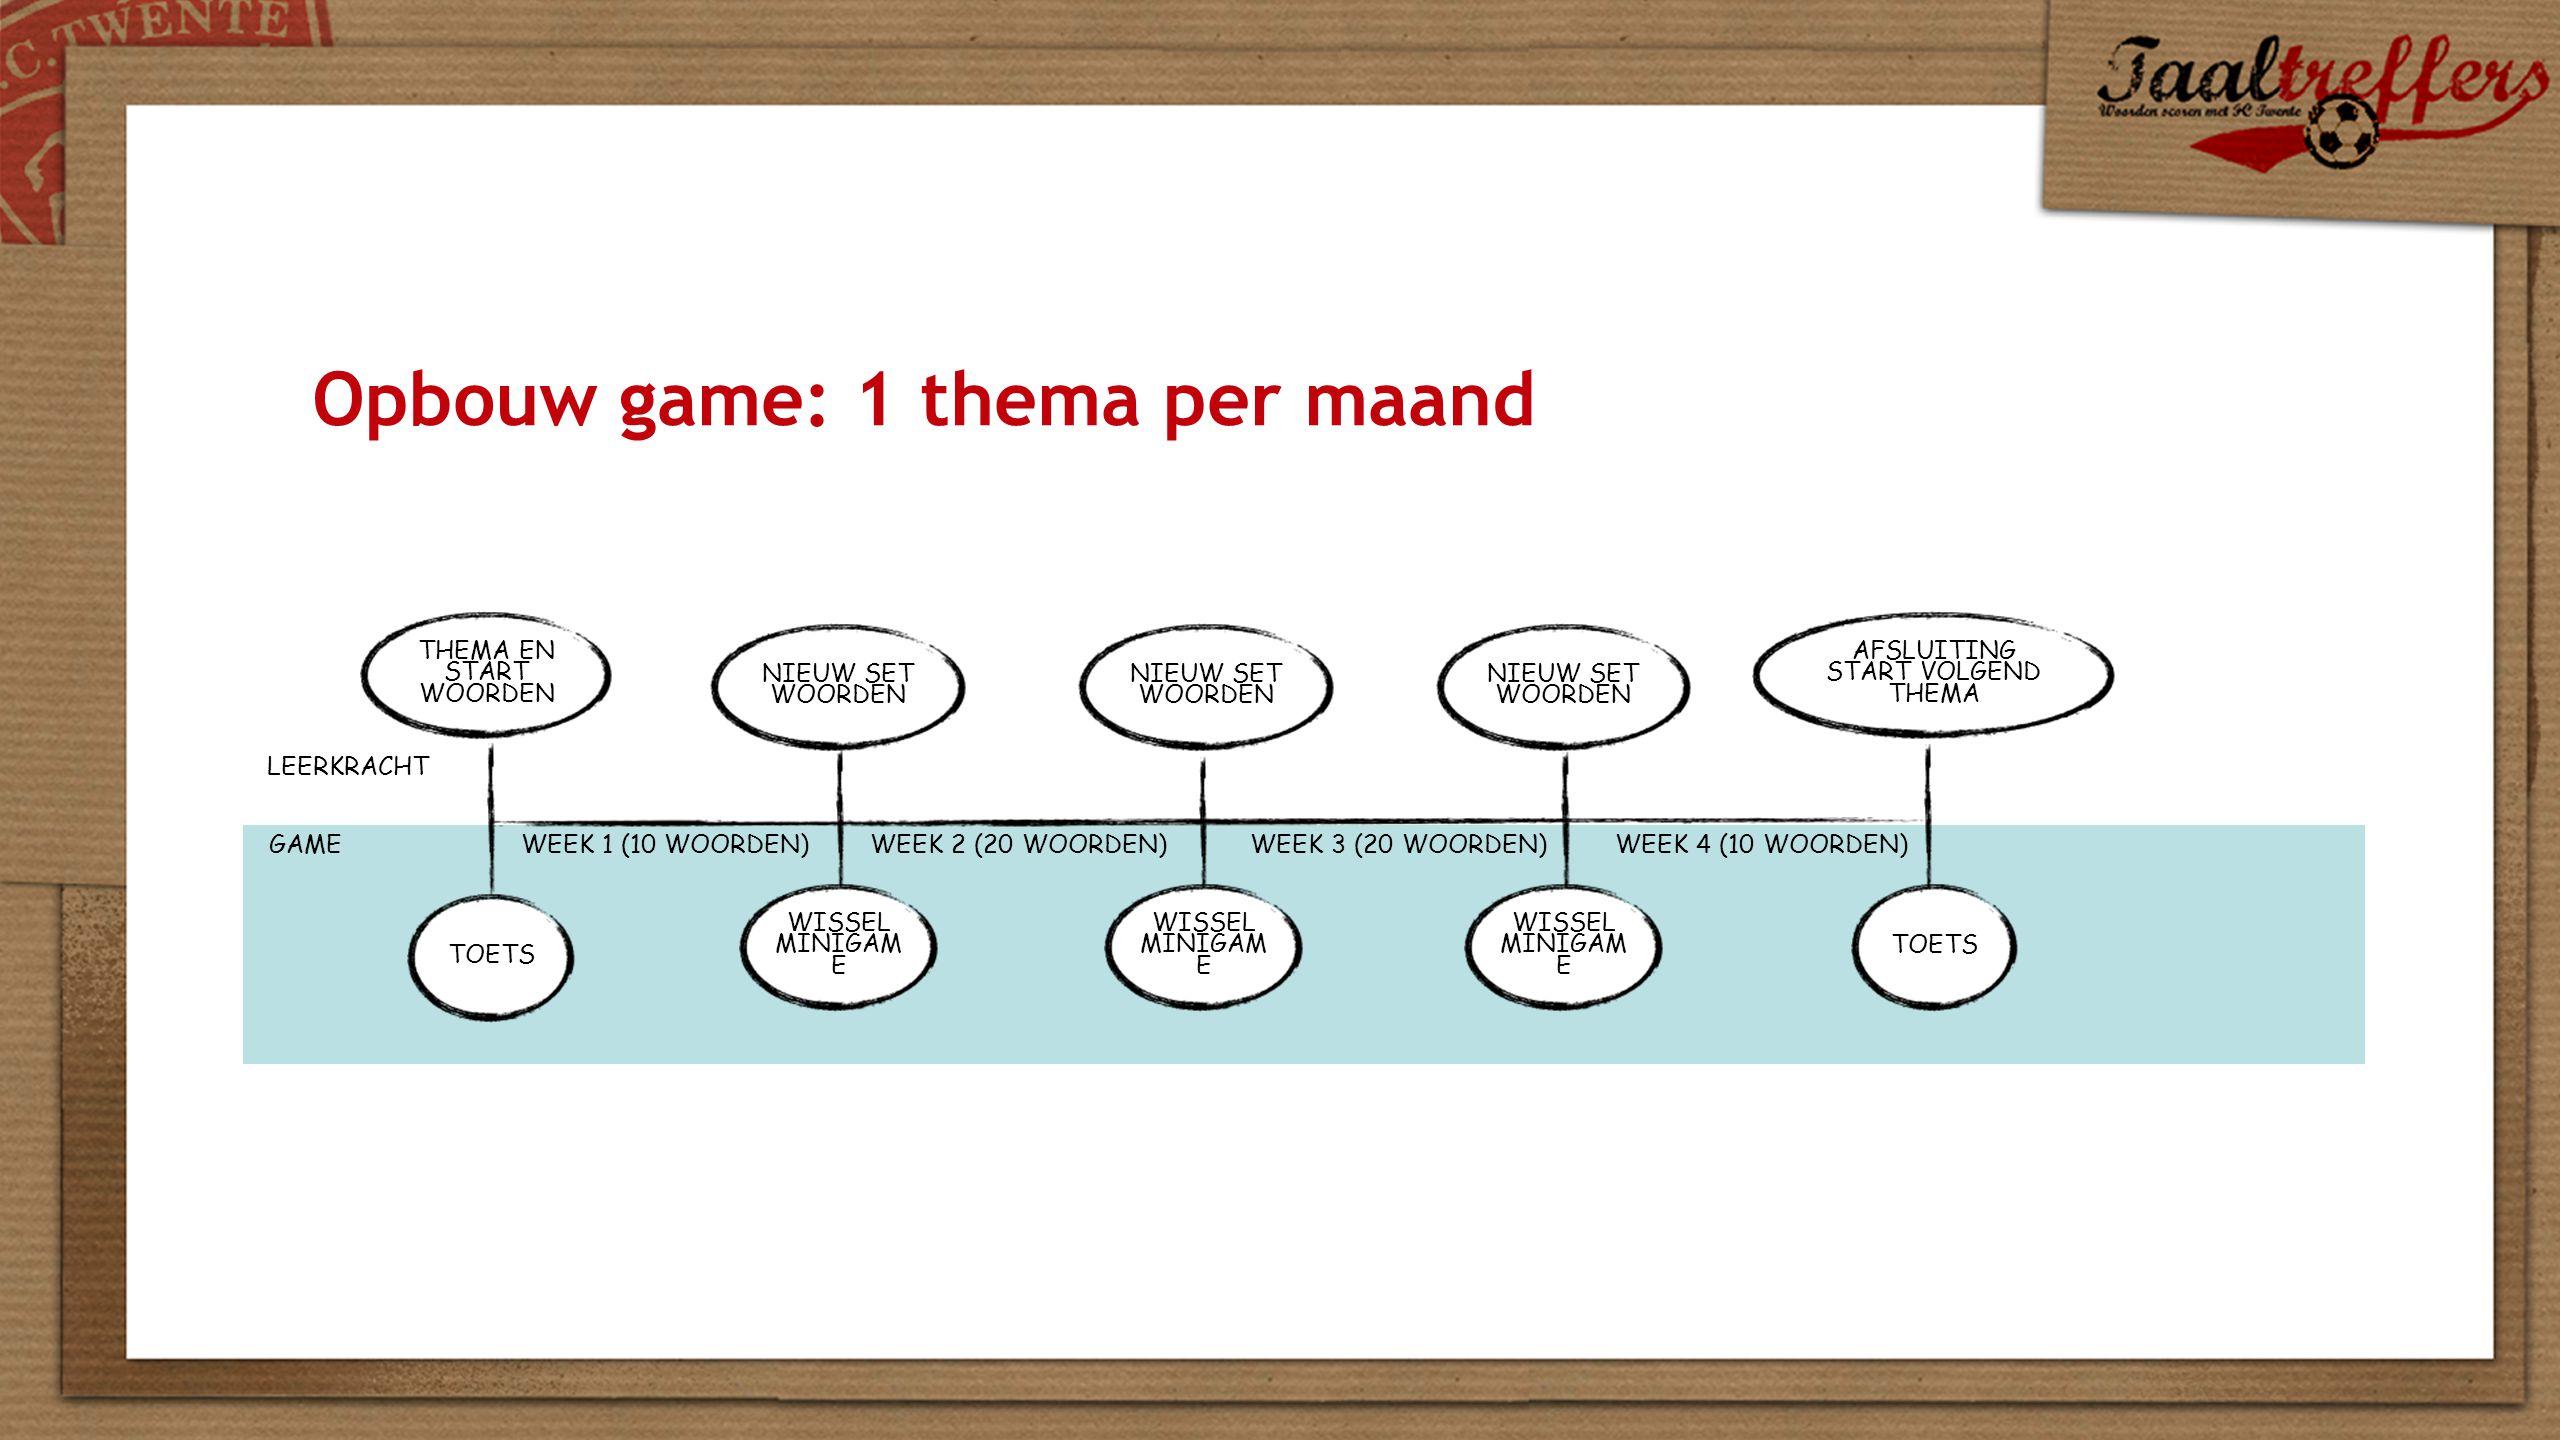 Opbouw game: 1 thema per maand TOETS WEEK 1 (10 WOORDEN) TOETS WISSEL MINIGAM E WISSEL MINIGAM E WISSEL MINIGAM E THEMA EN START WOORDEN NIEUW SET WOORDEN NIEUW SET WOORDEN NIEUW SET WOORDEN WEEK 2 (20 WOORDEN)WEEK 3 (20 WOORDEN)WEEK 4 (10 WOORDEN) AFSLUITING START VOLGEND THEMA LEERKRACHT GAME